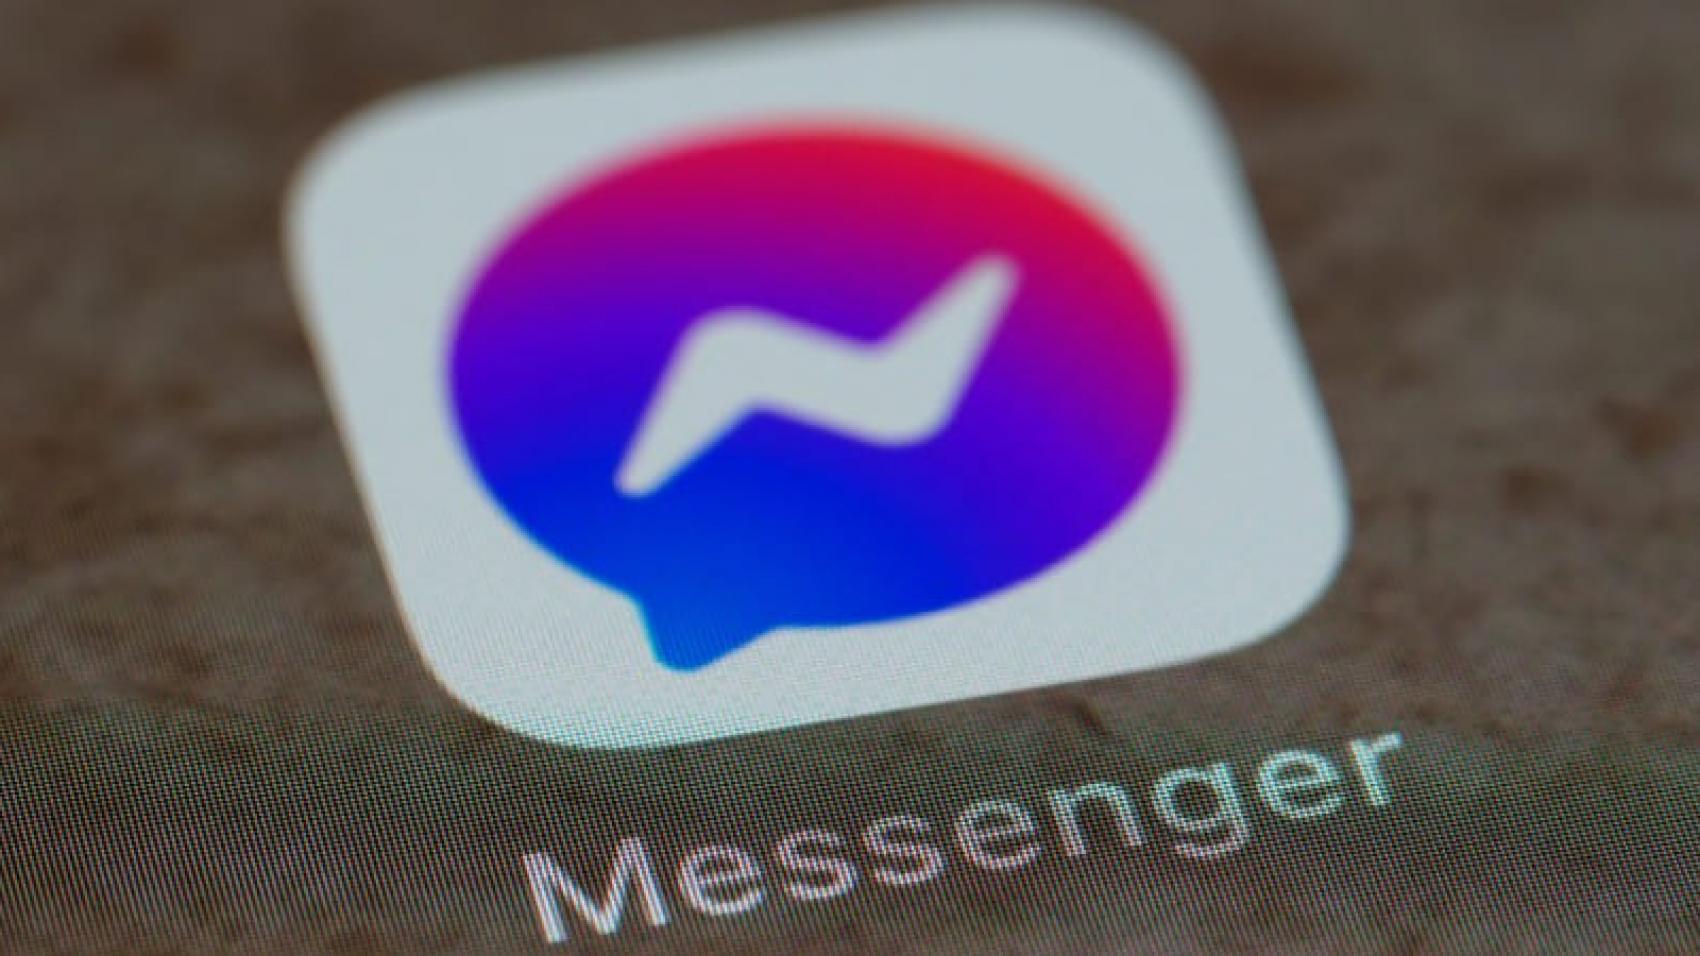 Юбилей Facebook Messenger: к 10-летию приложения добавлены новые функции